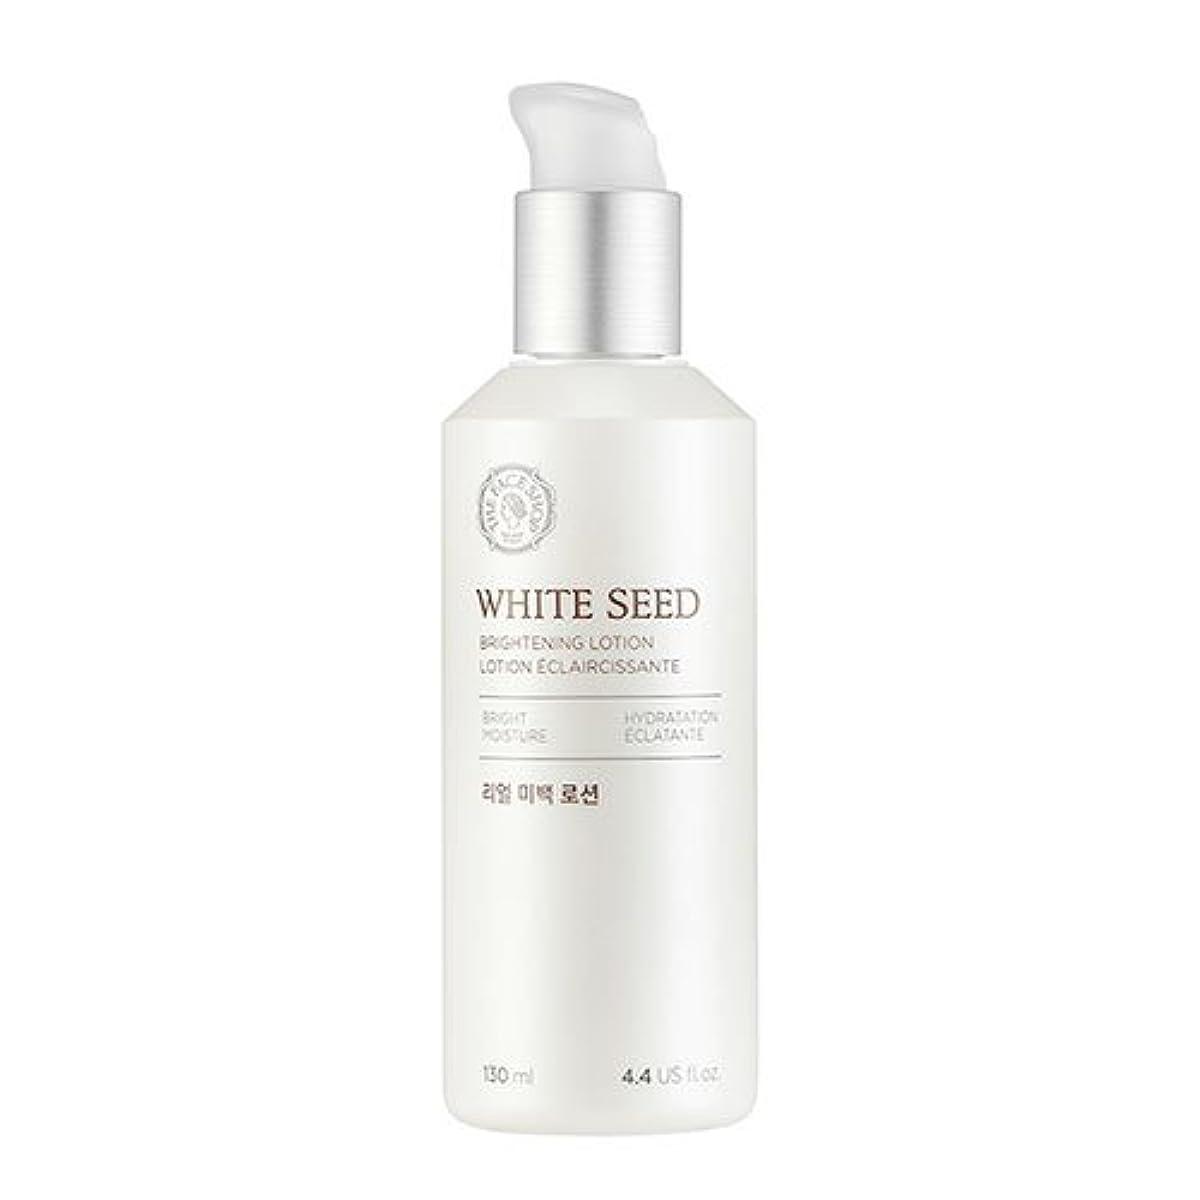 トチの実の木抽象化バングラデシュザフェイスショップ(THEFACESHOP) ホワイトシードビライトニングローション 乳液 WHITE SEED BRIGHTNING LOTION 130ml